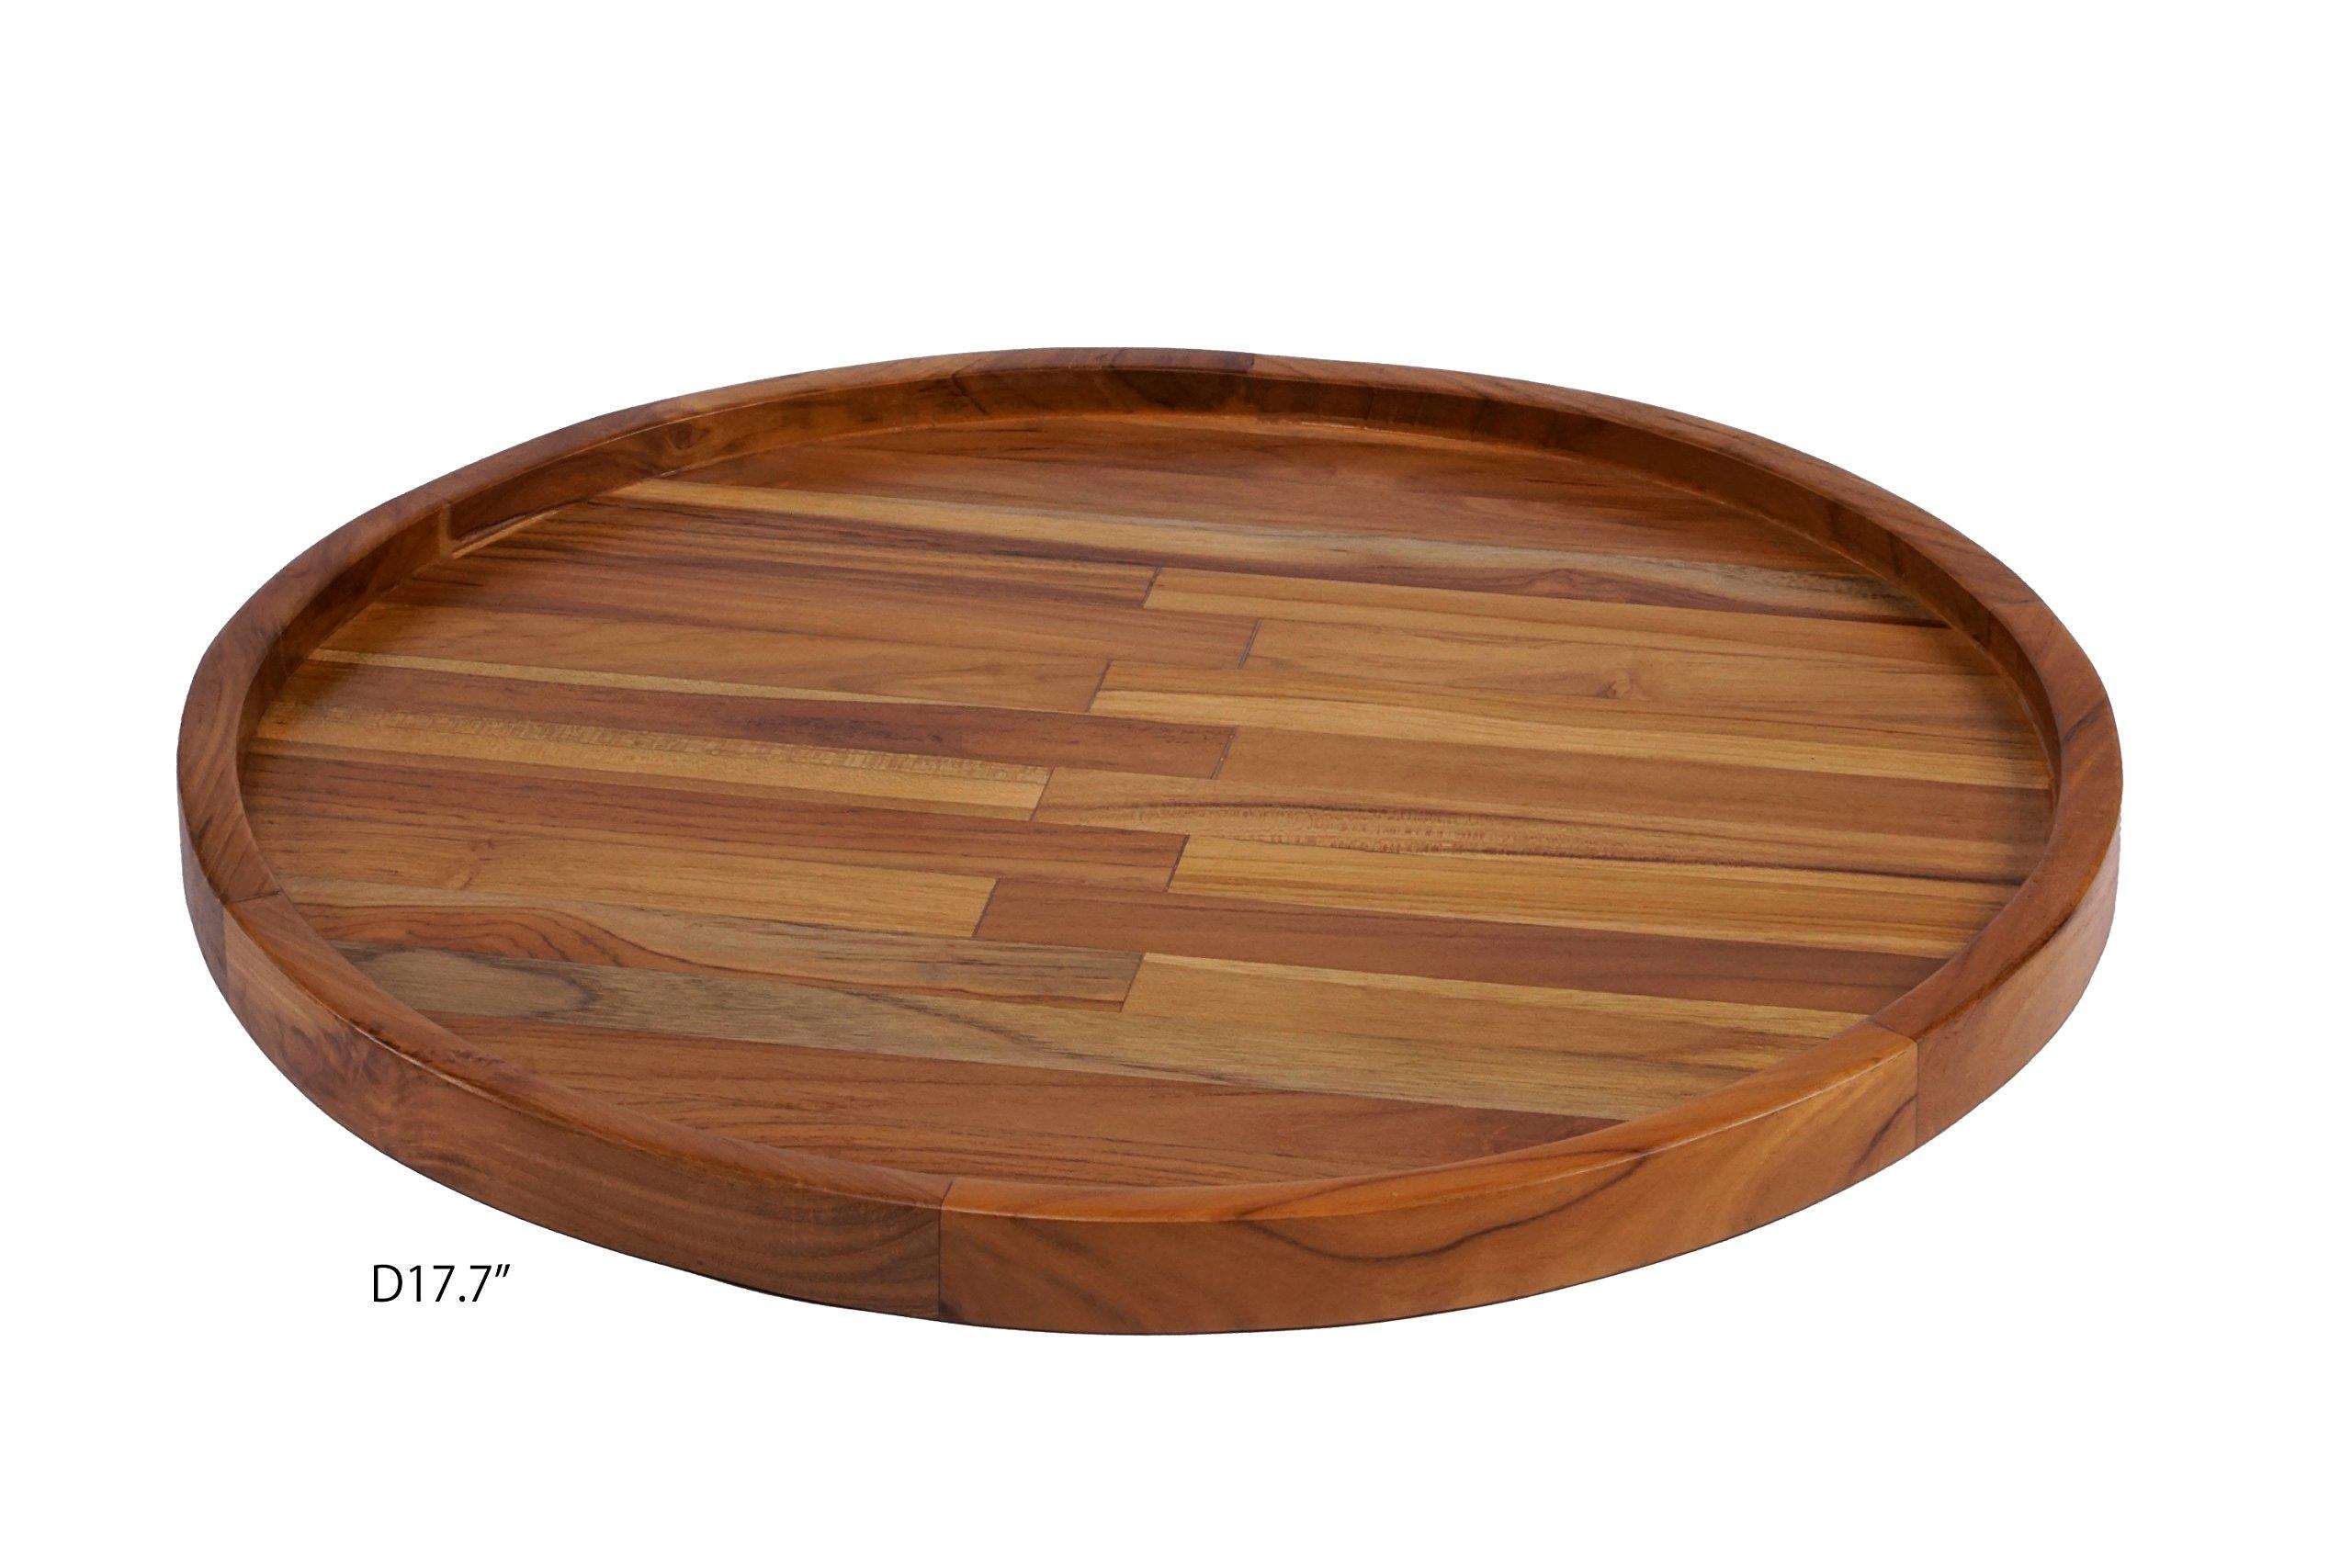 Nesting round trays (set of 3), Teak Wood, Susans